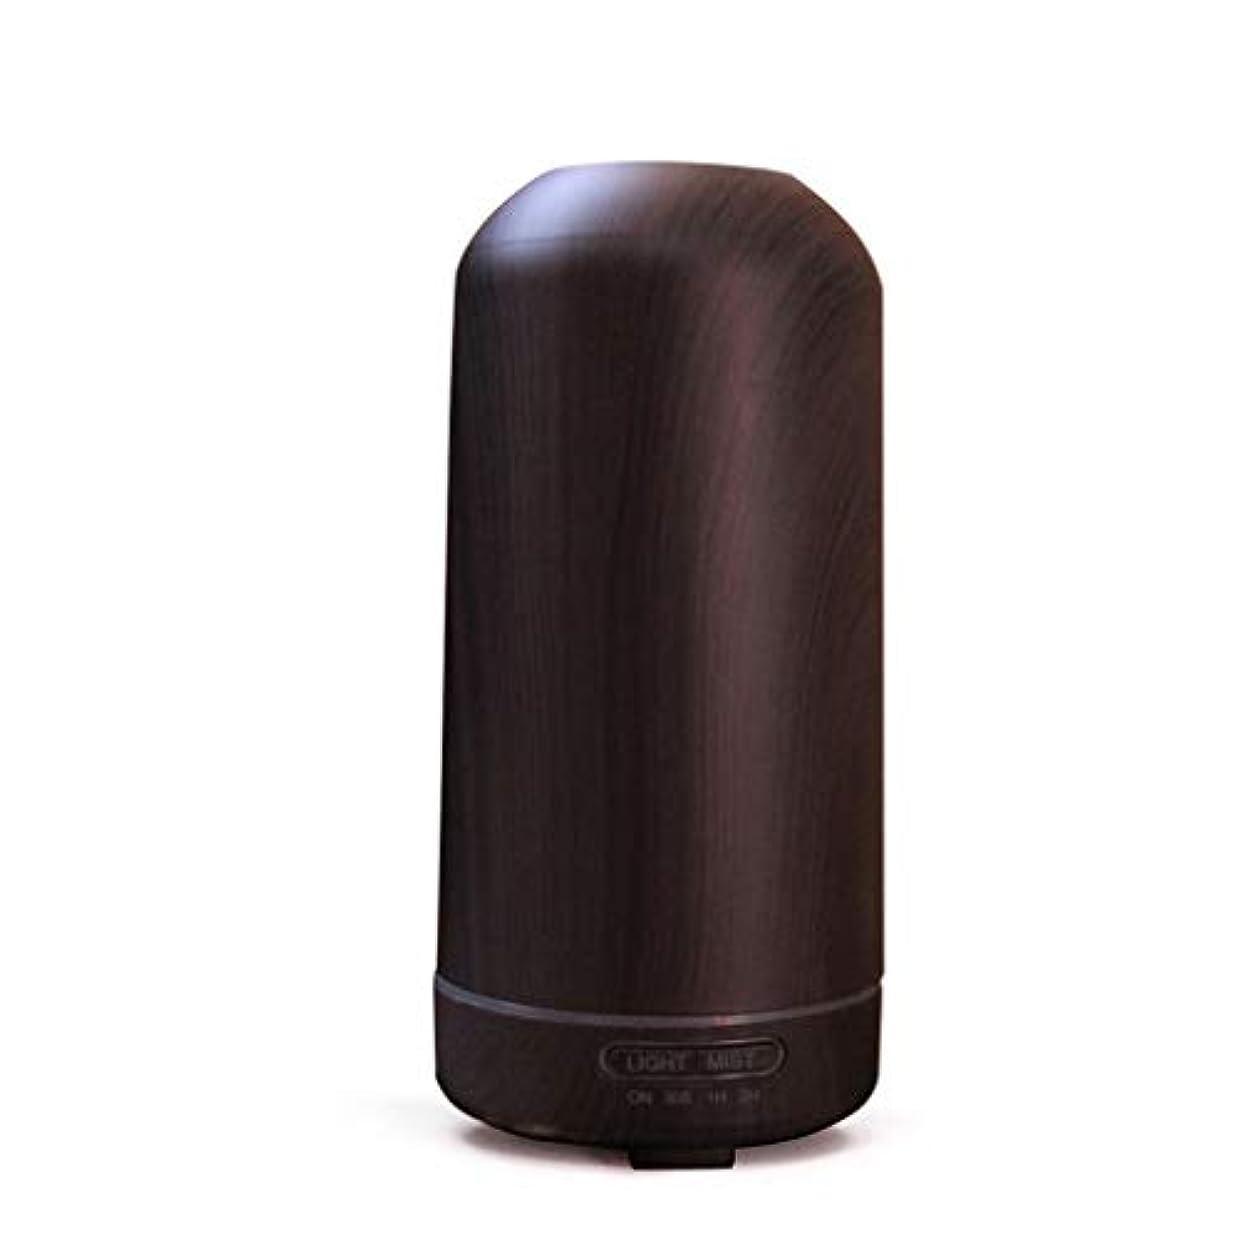 凍るカーテン差別的100ミリリットル超音波クールミスト加湿器カラーLEDライト付きホームヨガオフィススパ寝室ベビールーム - ウッドグレインディフューザー (Color : Dark wood grain)